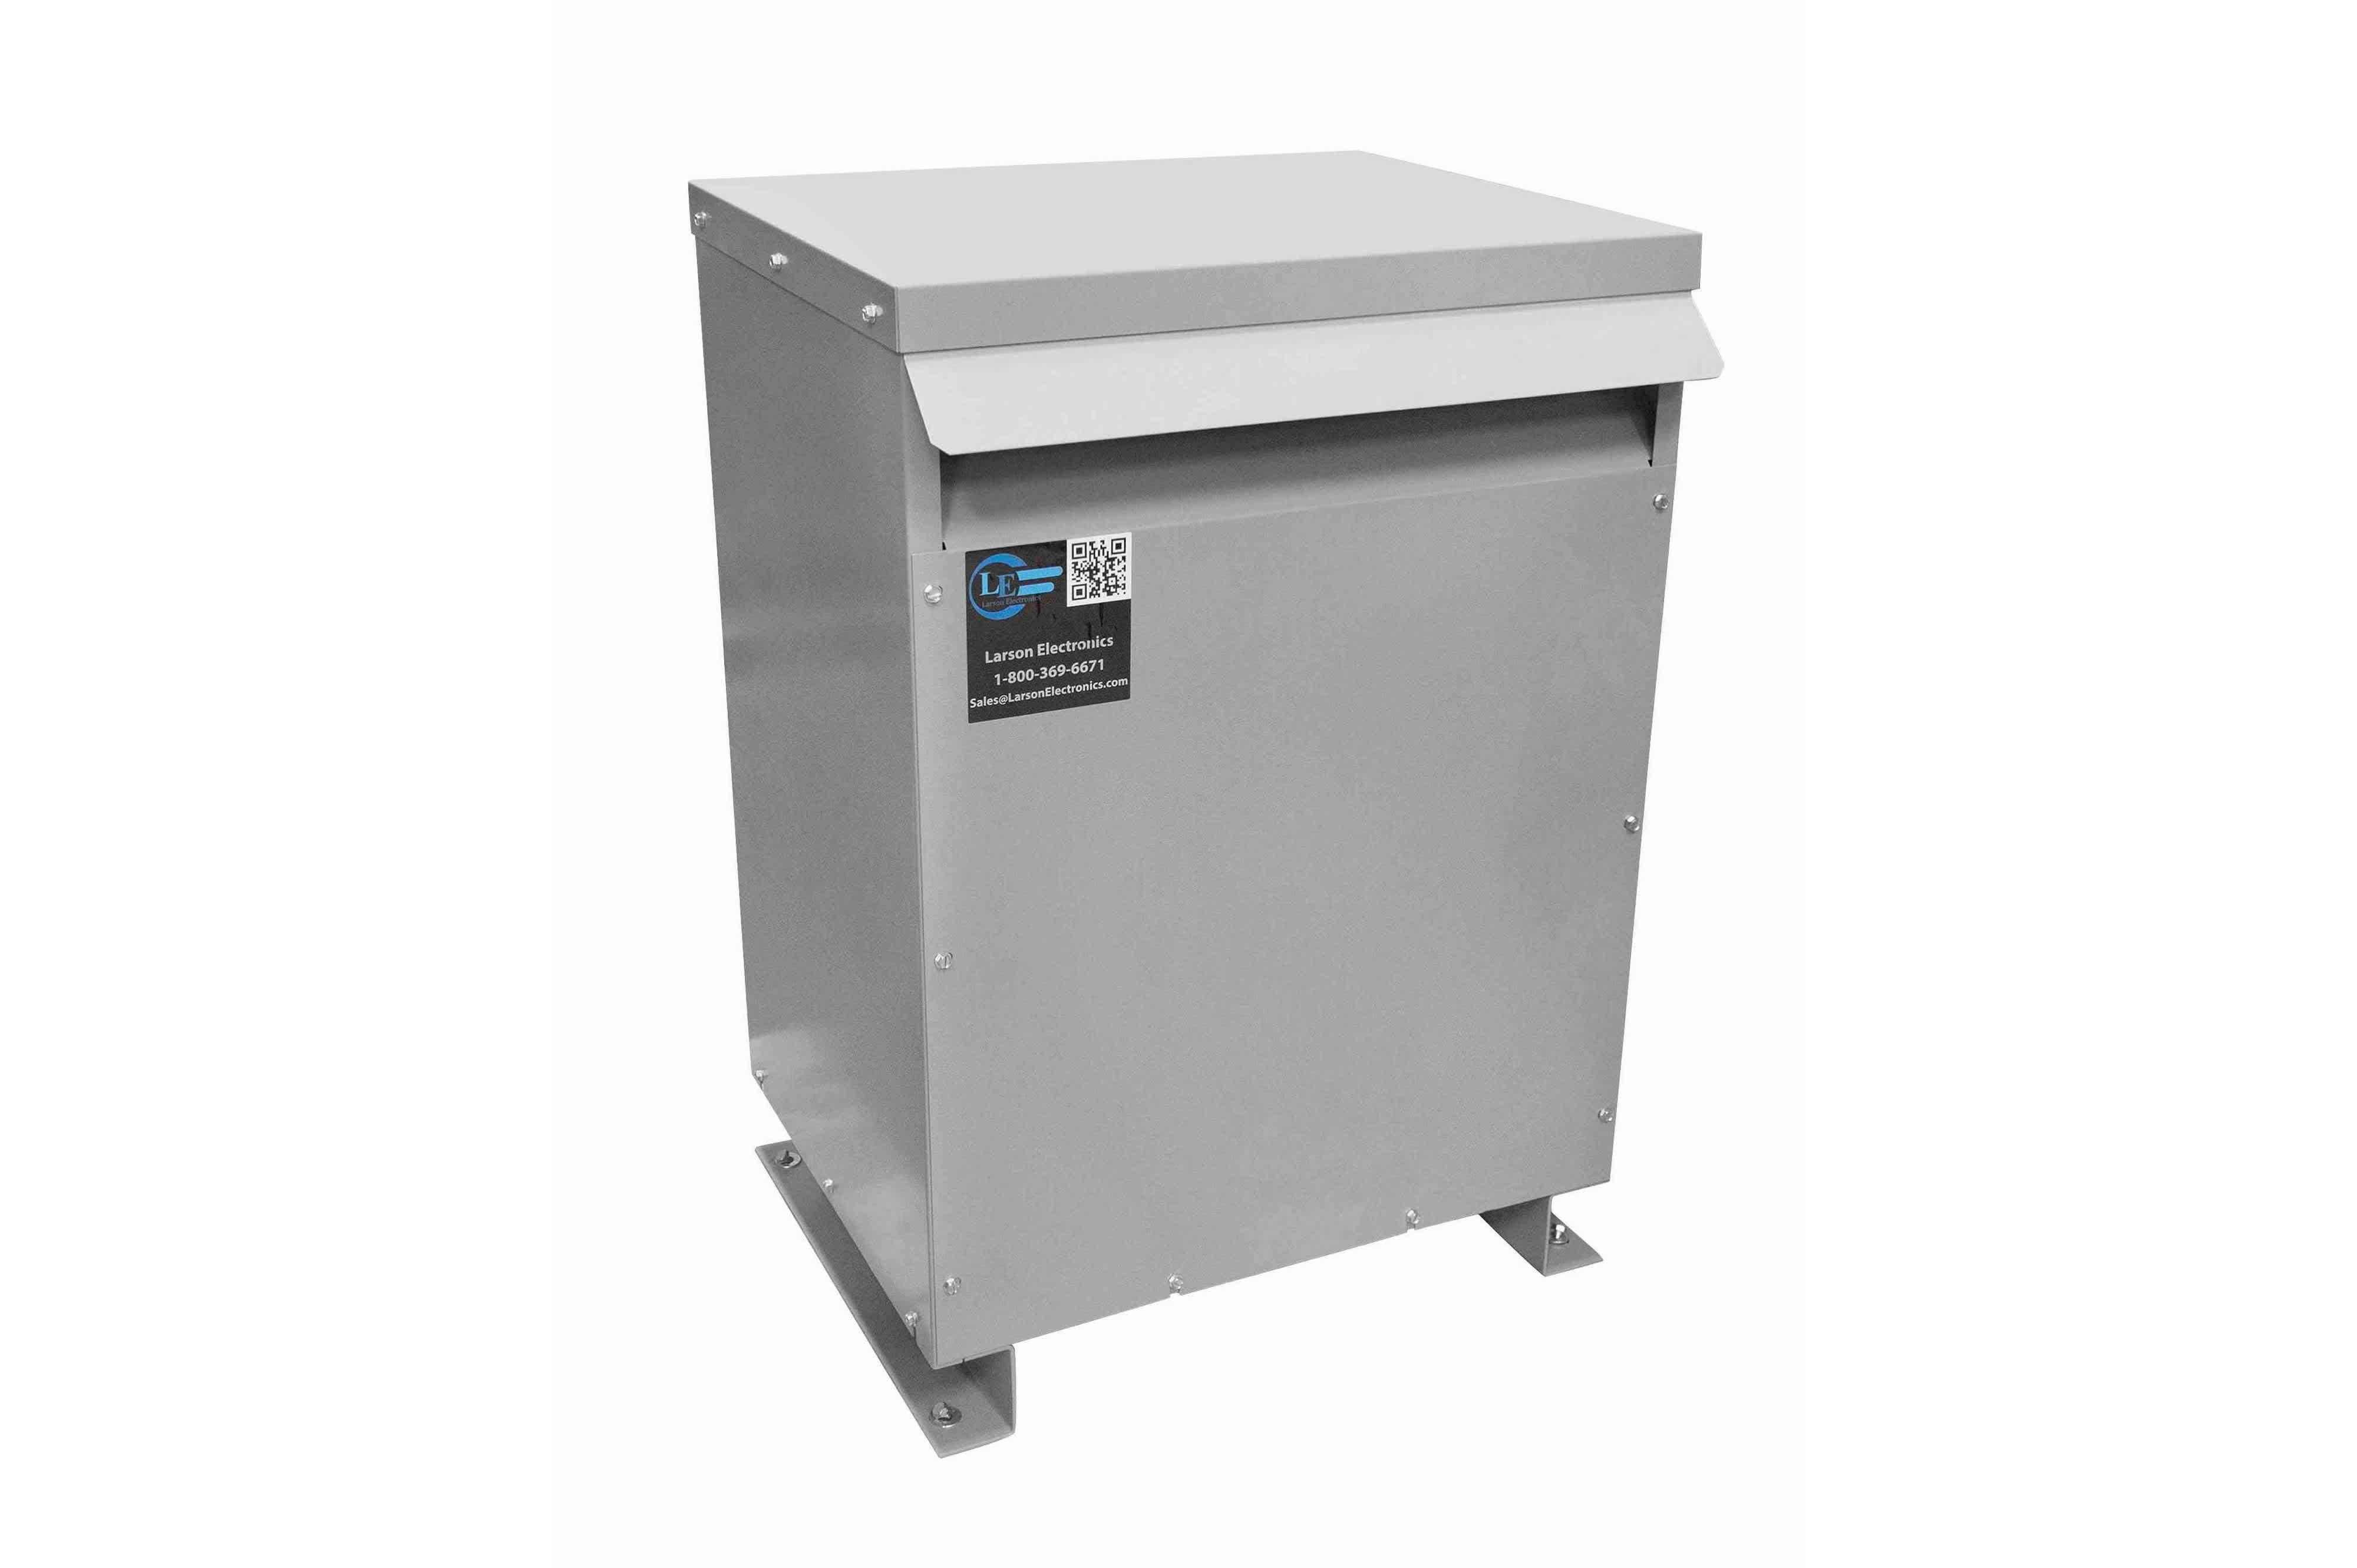 275 kVA 3PH Isolation Transformer, 230V Delta Primary, 480V Delta Secondary, N3R, Ventilated, 60 Hz